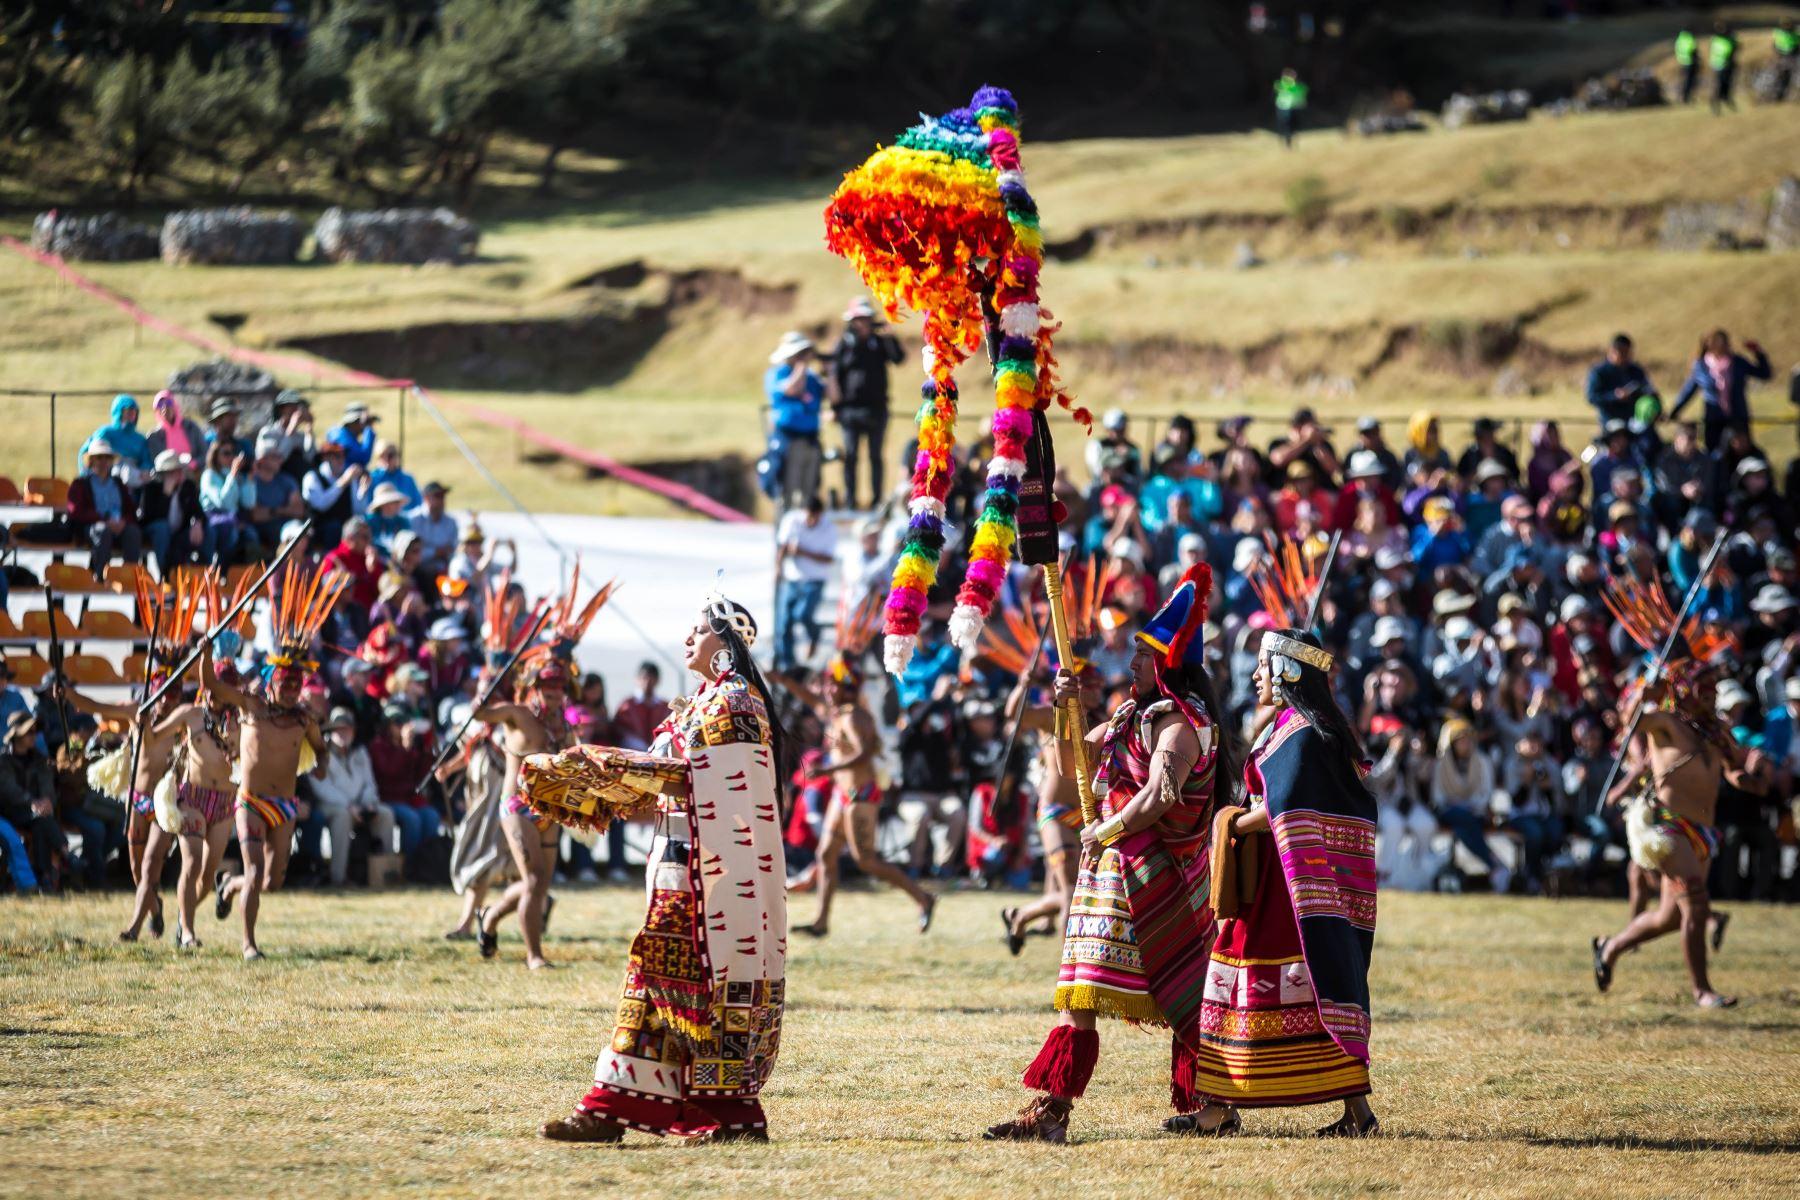 En la explanada se desarrolla la ceremonia central, que empieza con el emplazamiento ceremonial; le sigue la presentación del informe de los cuatro suyos o regiones (Collasuyo, Contisuyo, Antisuyo y Chinchaysuyo). Foto: ANDINA/EMUFEC